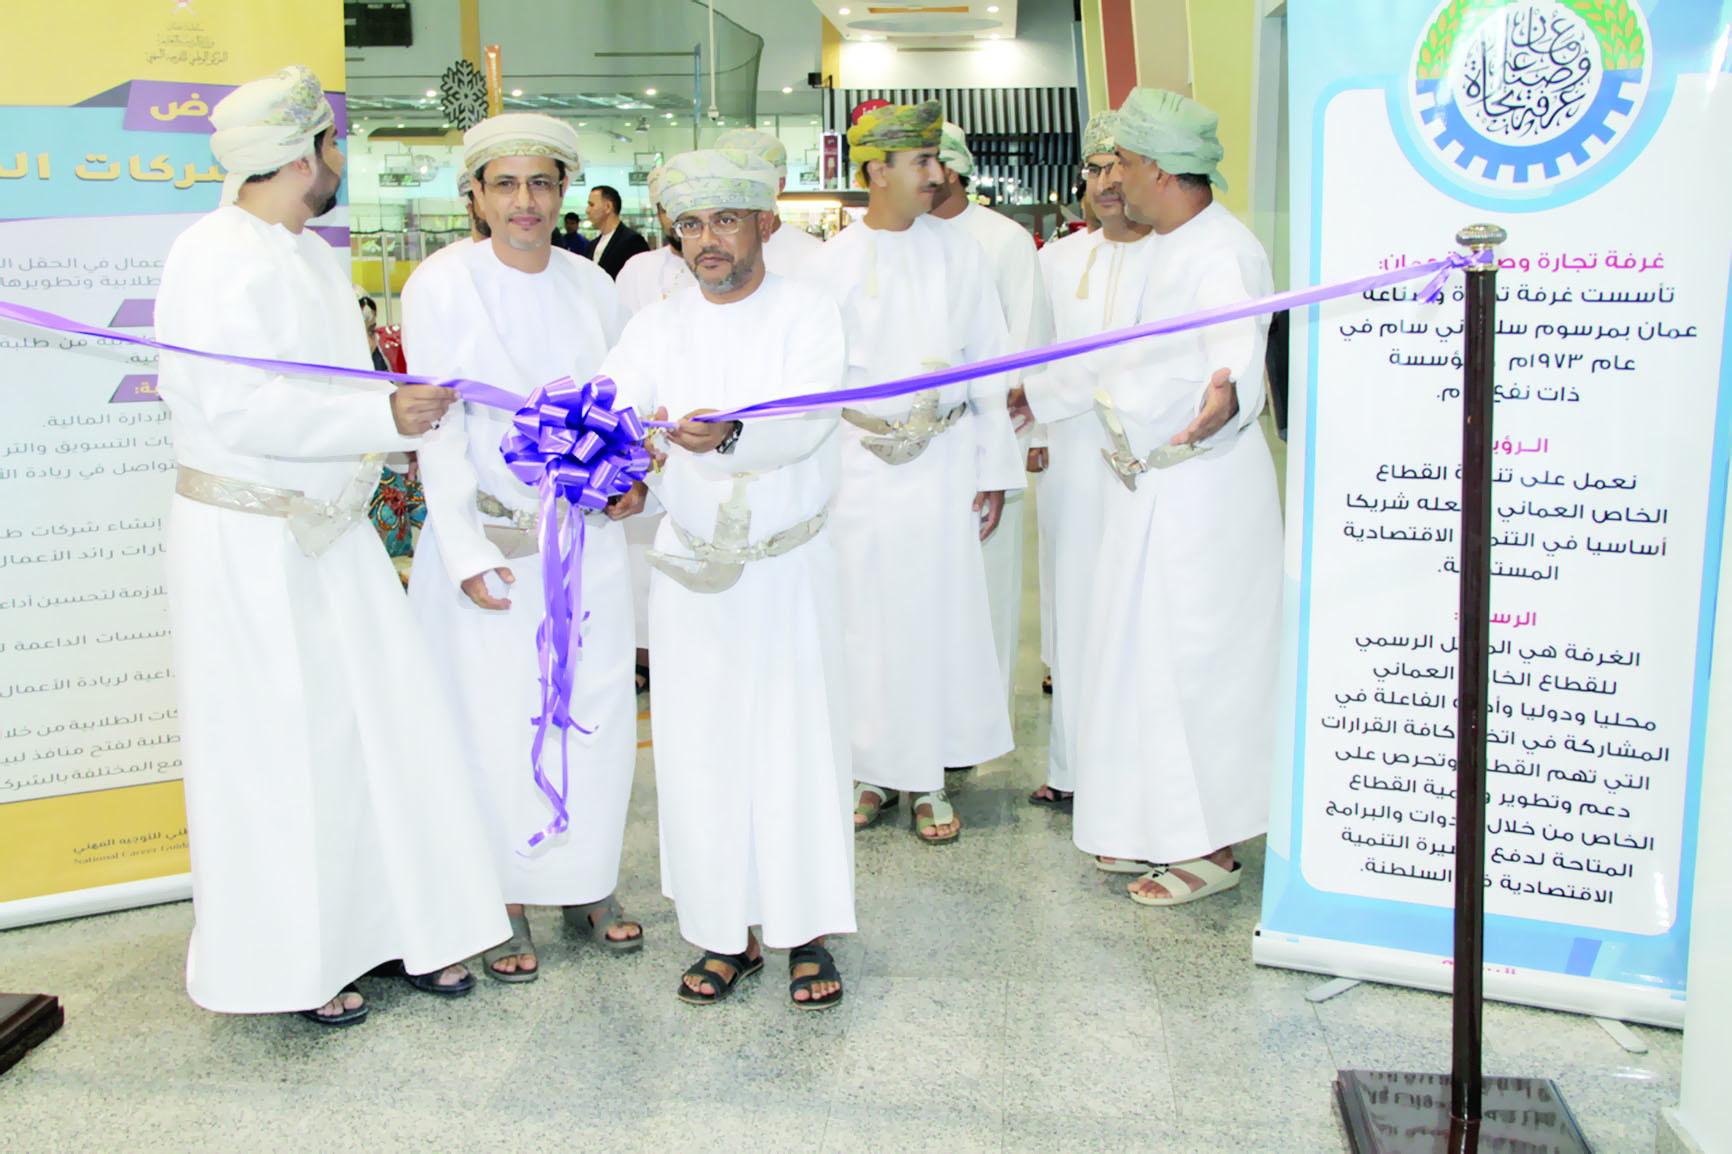 افتتاح معرض الشركات الطلابية